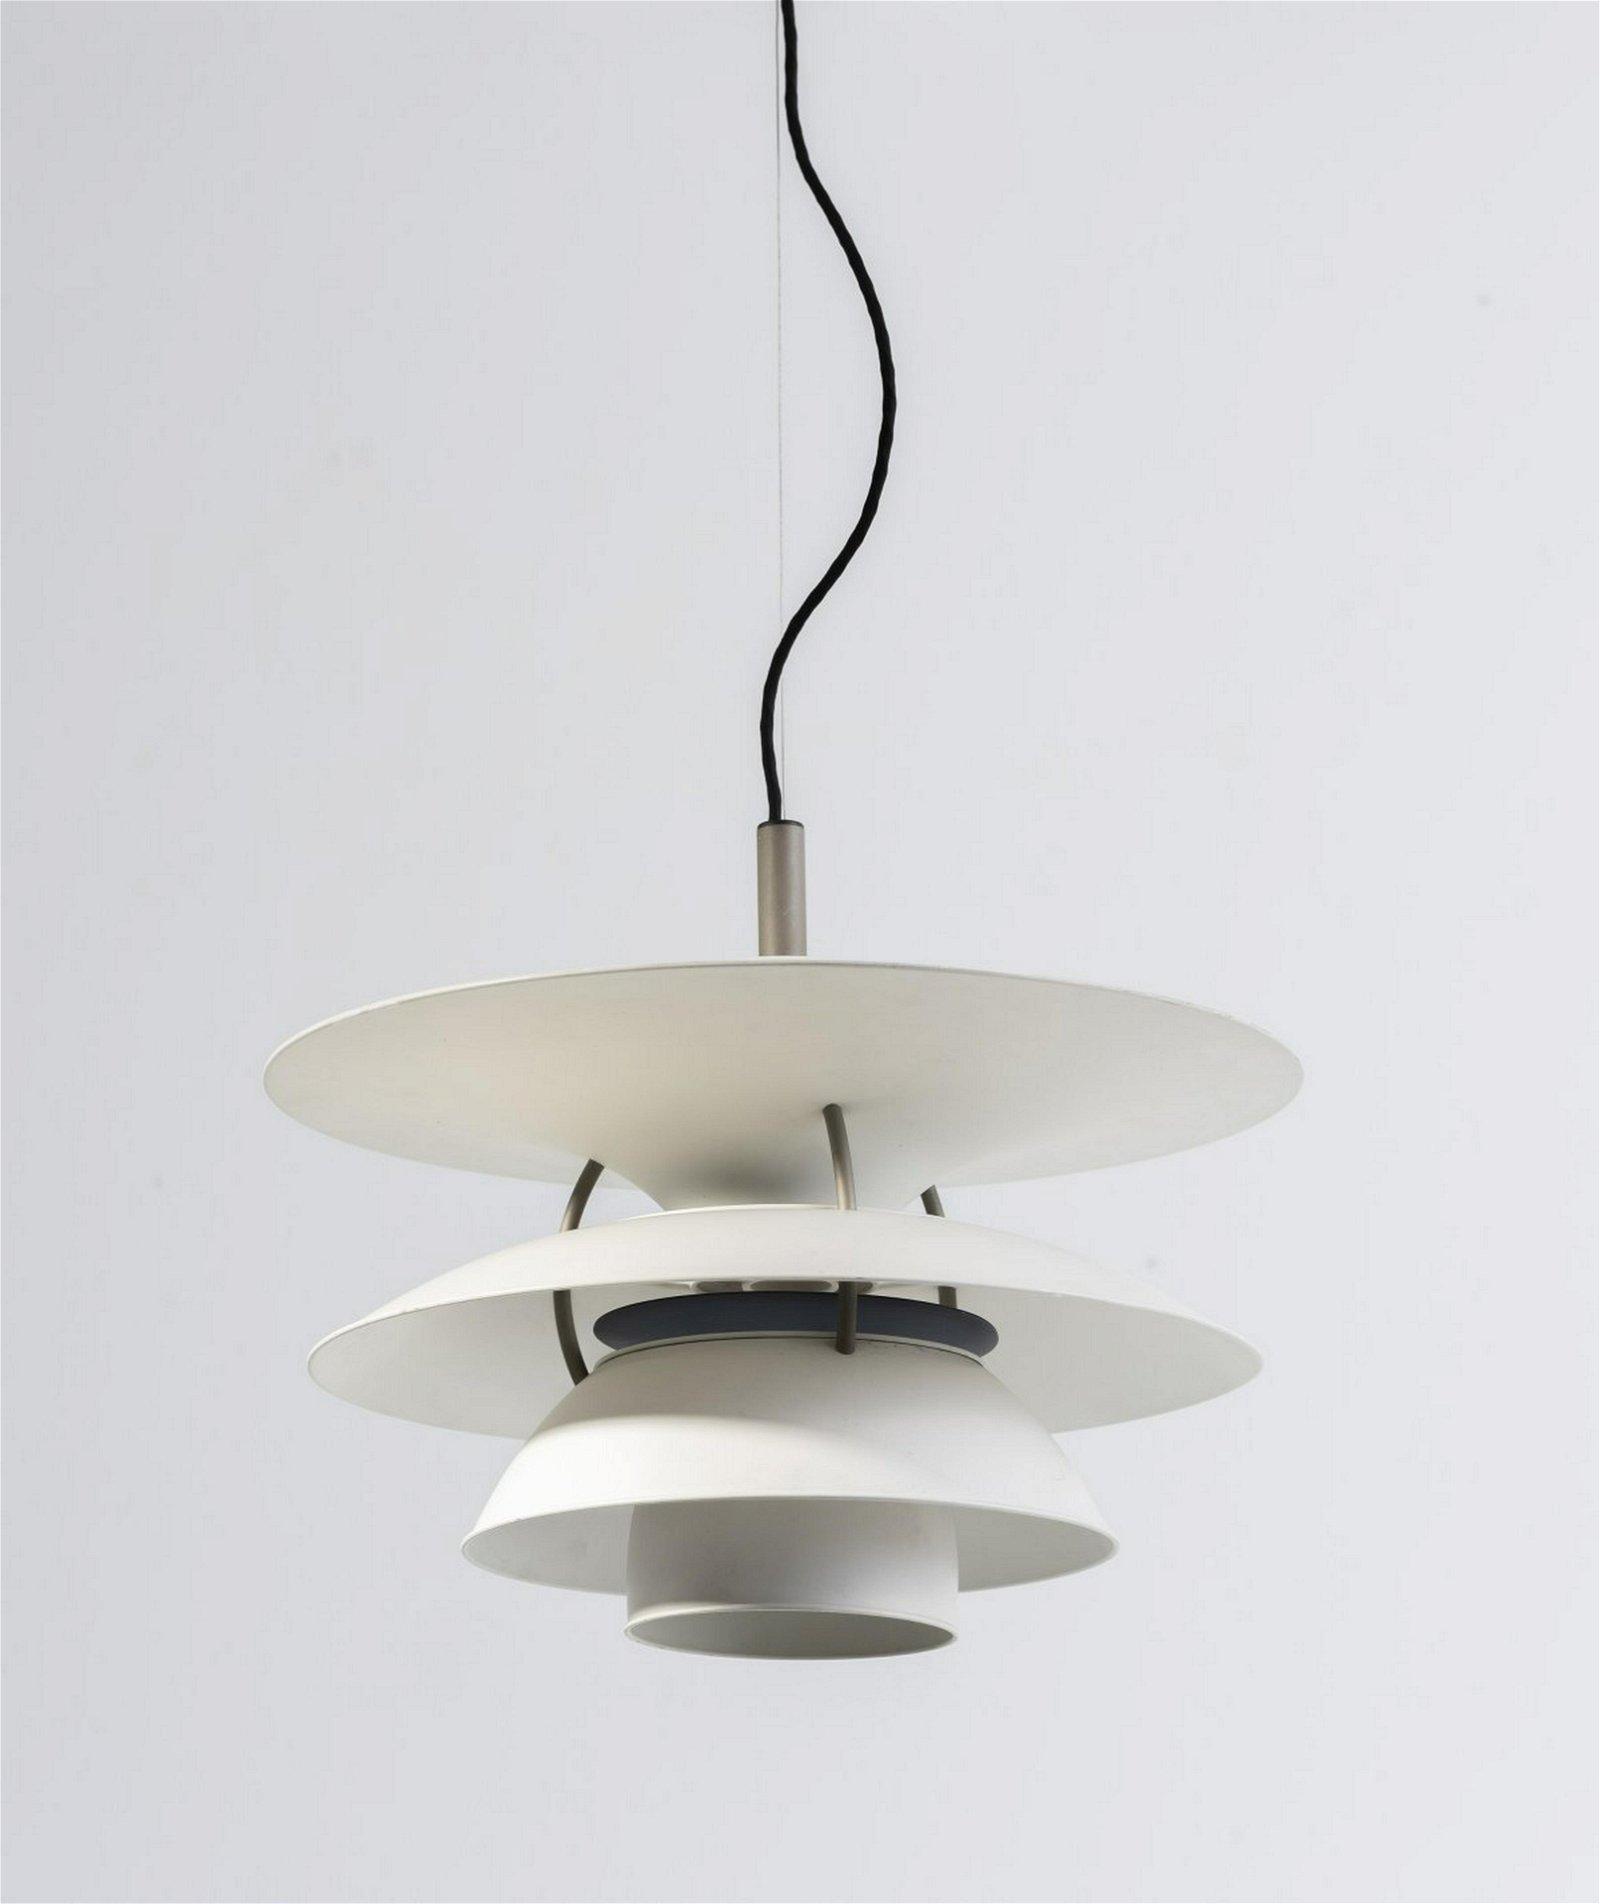 Poul Henningsen, Ceiling light, 1980